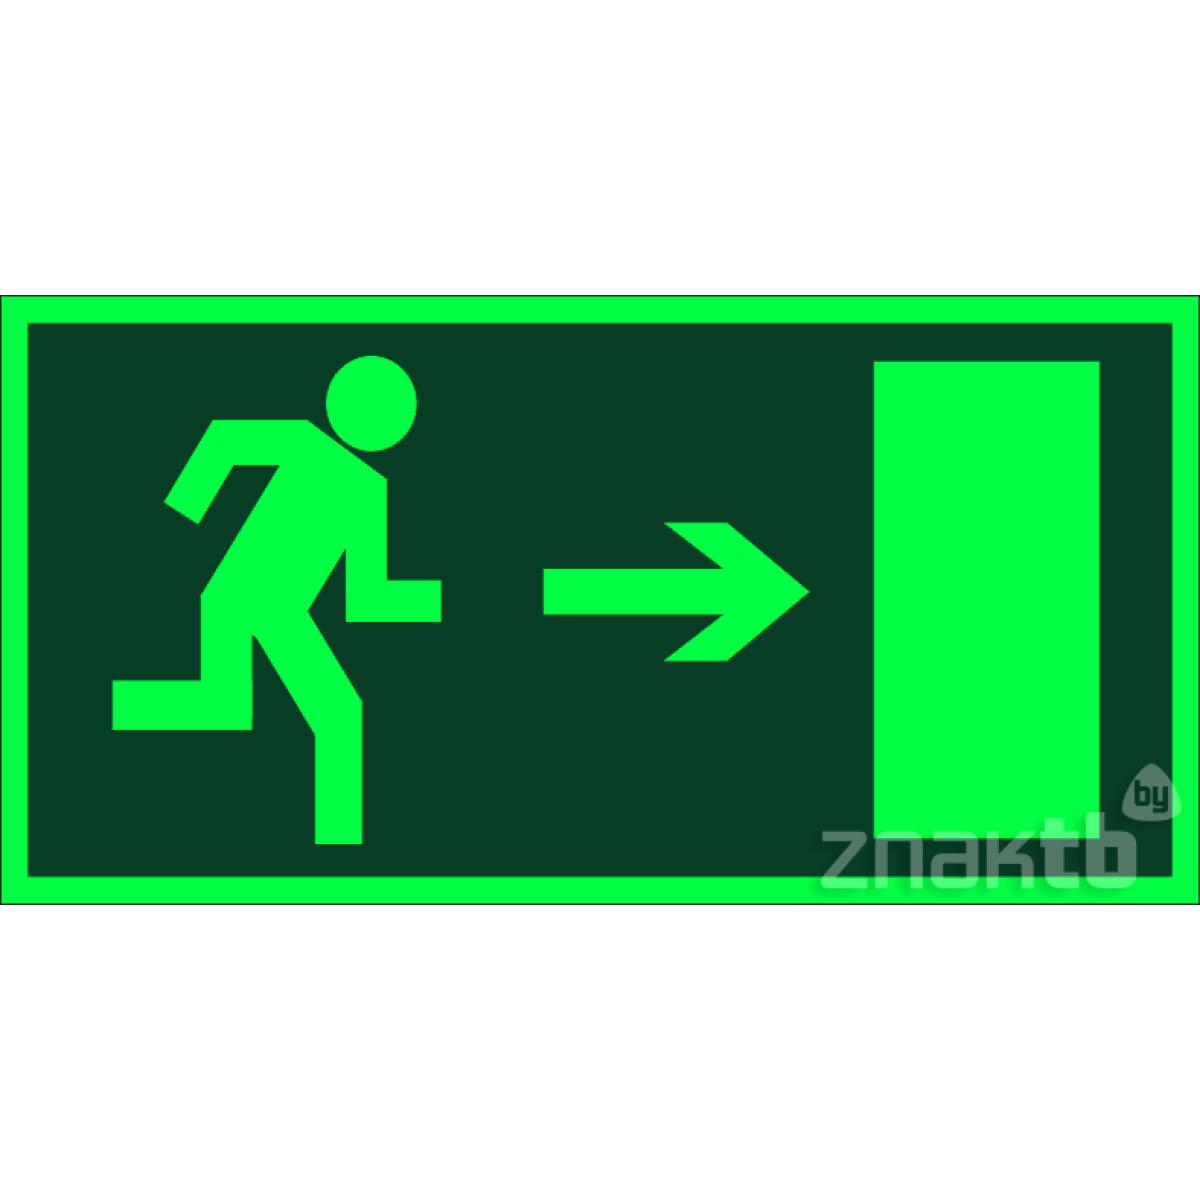 Знак Направление к эвакуационному выходу (направо) фотолюм. код Е03